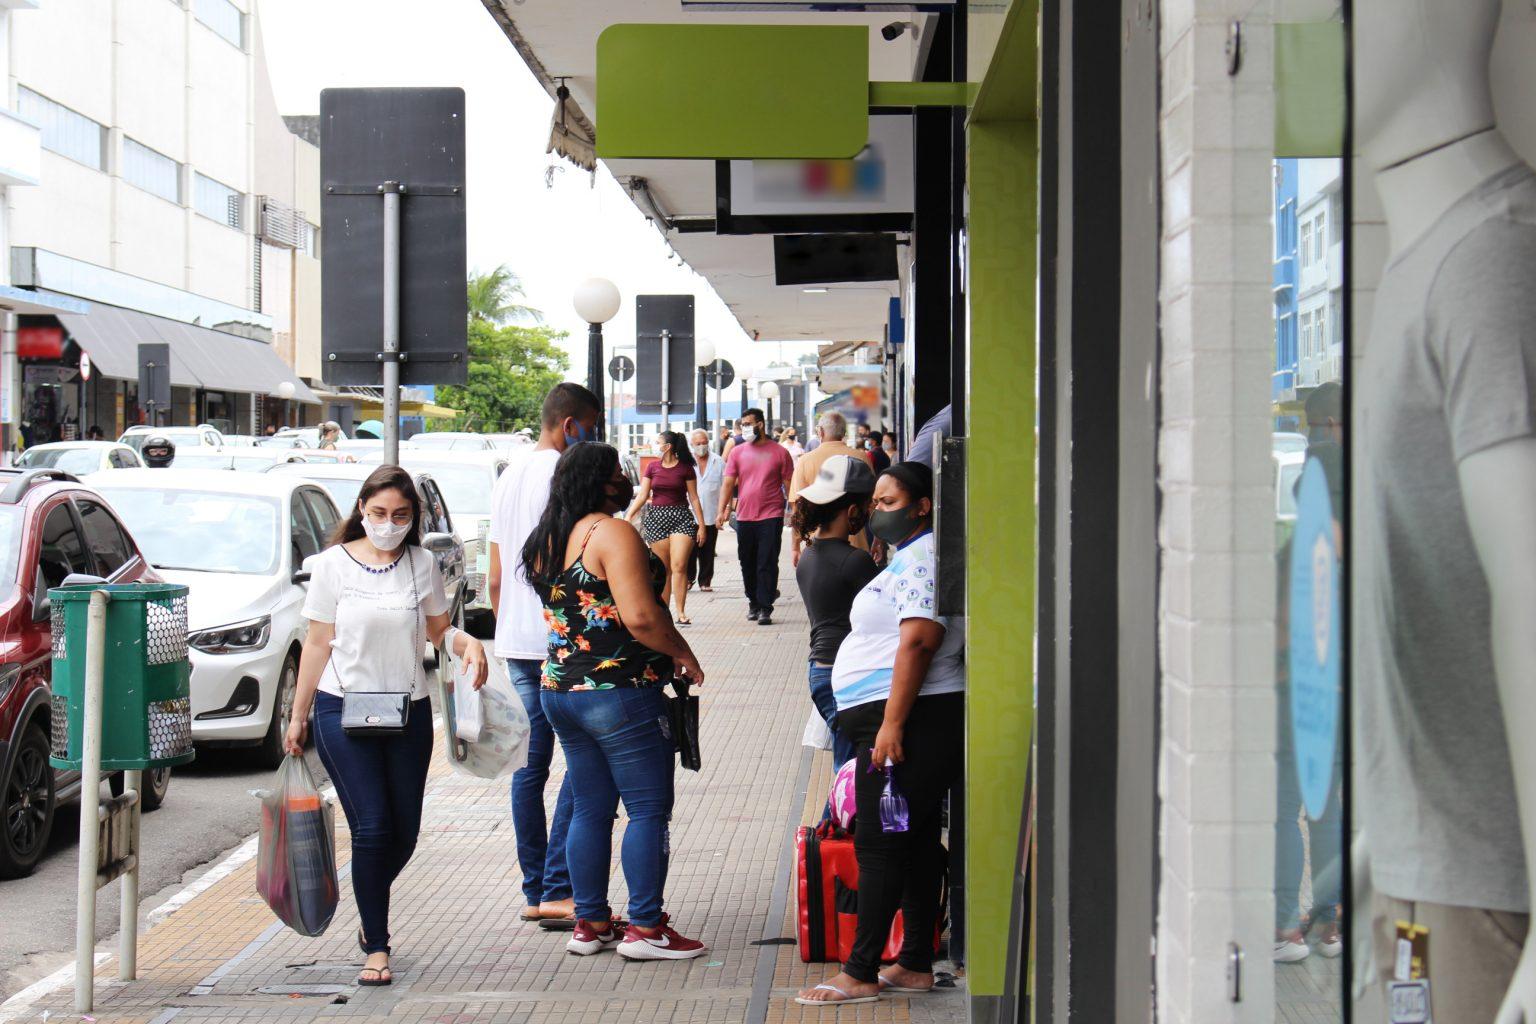 90fabc13b5b329decbbe95113658cb78 1536x1024 1 - Dia do Trabalhador, comércio e shoppings funcionam normalmente na Paraíba